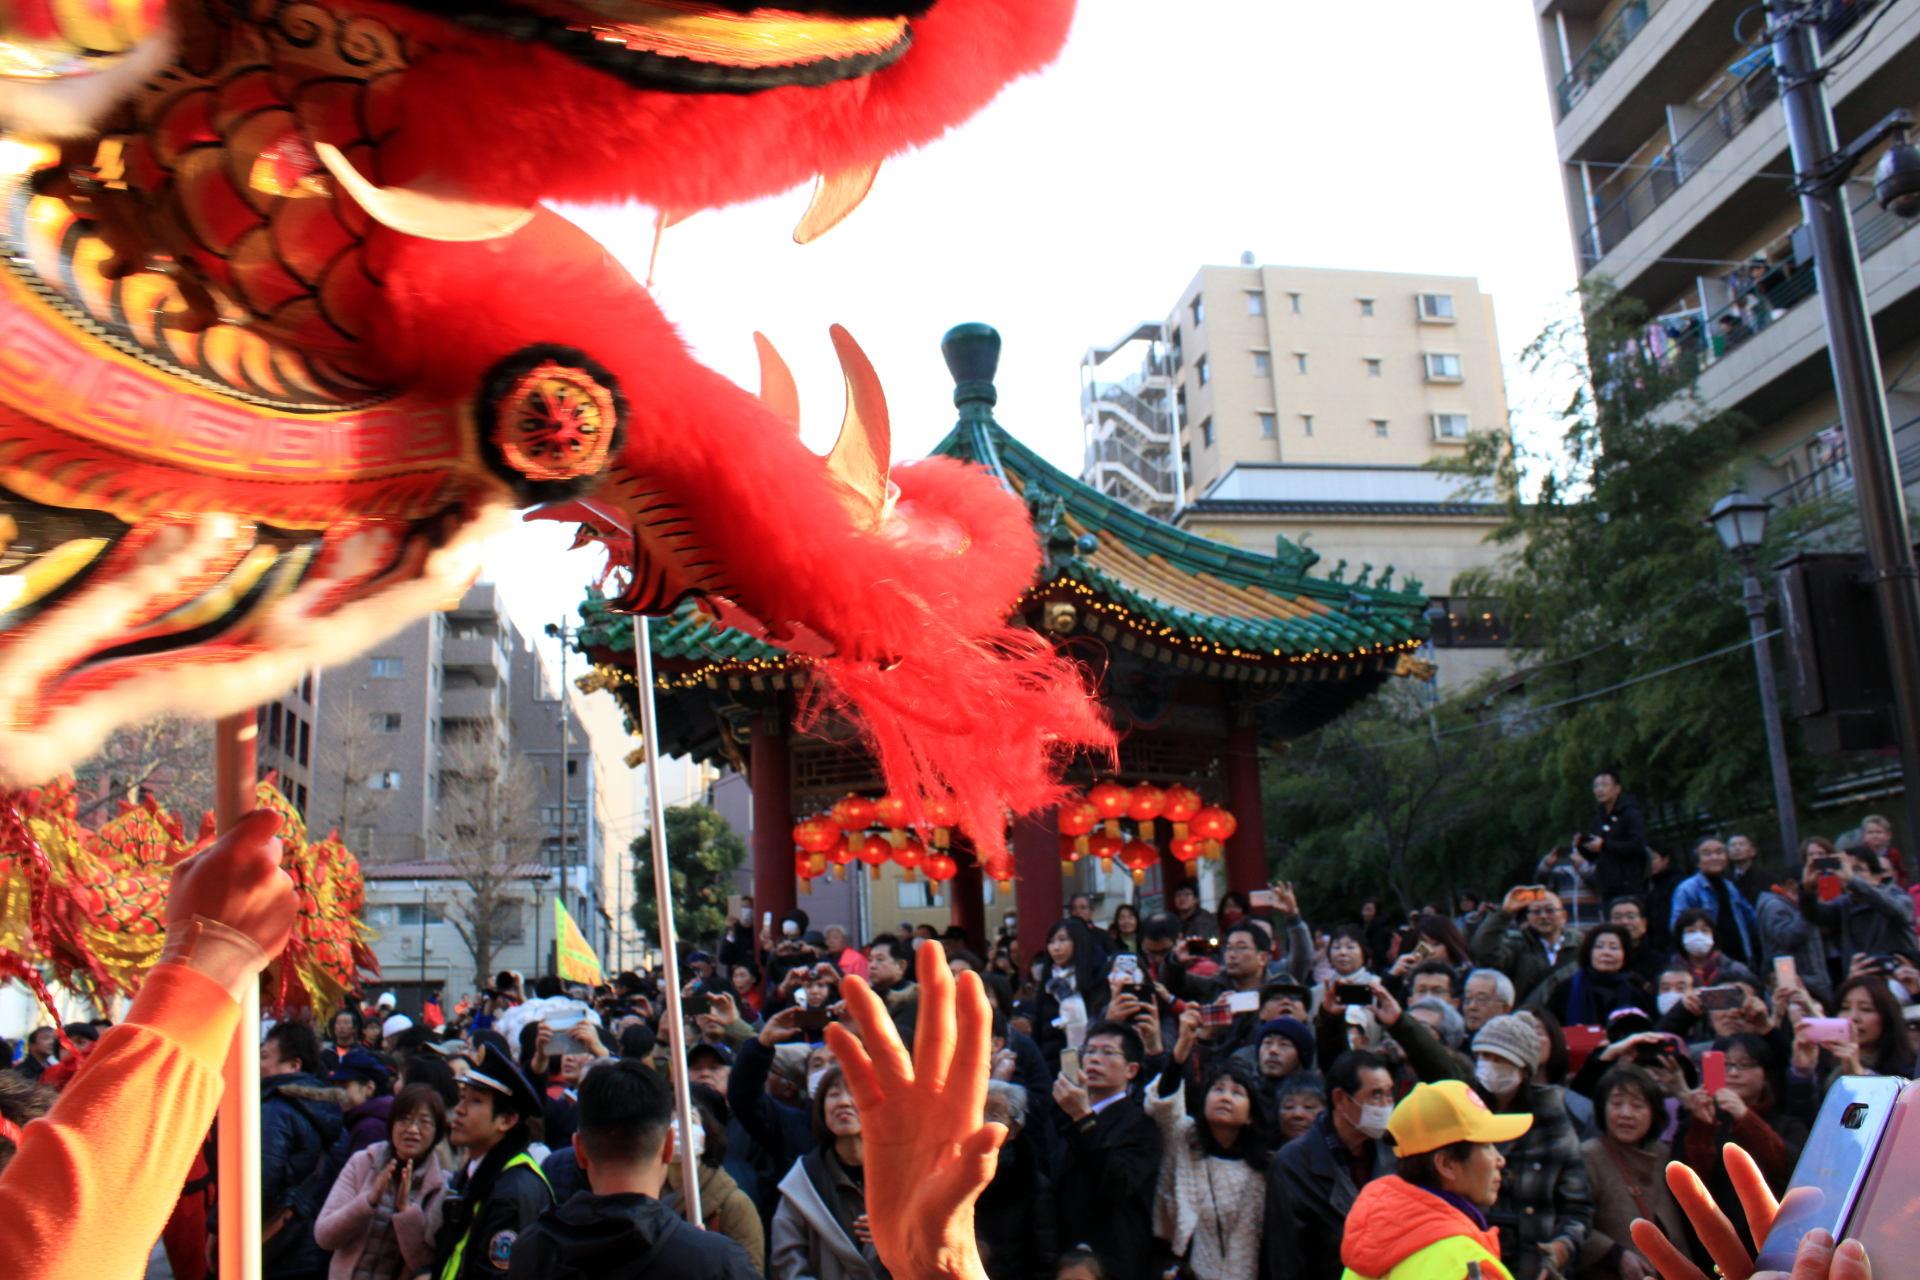 yokohama chinatown new year dziewczynka nowy rok parada iglawpodrozy